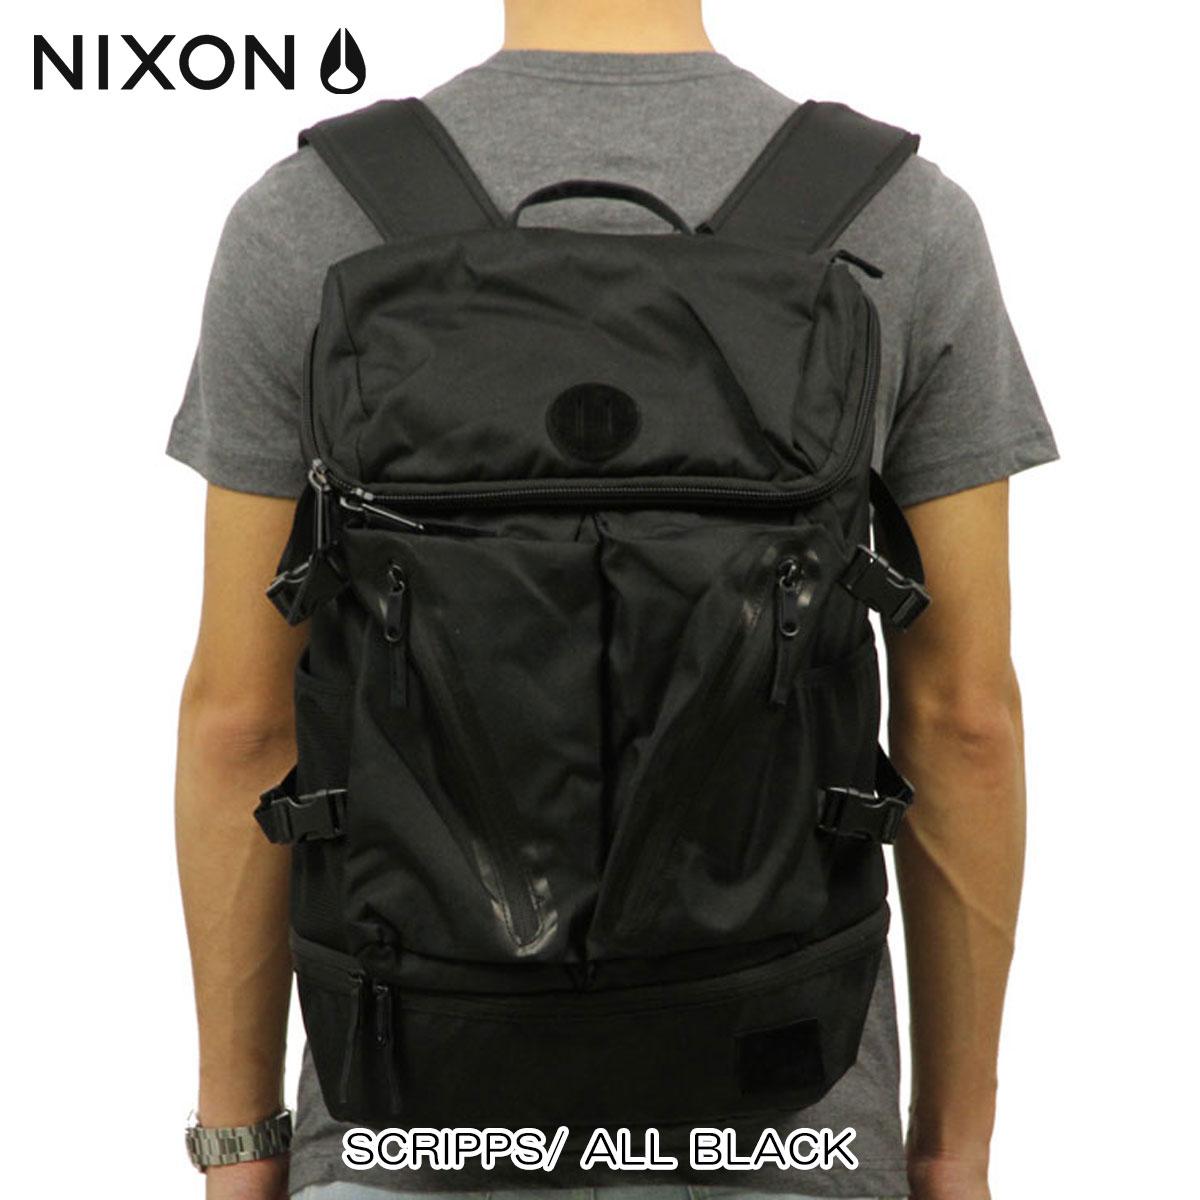 ニクソン NIXON 正規販売店 バッグ SCRIPPS/ ALL BLACK NC2605001-00 D00S20